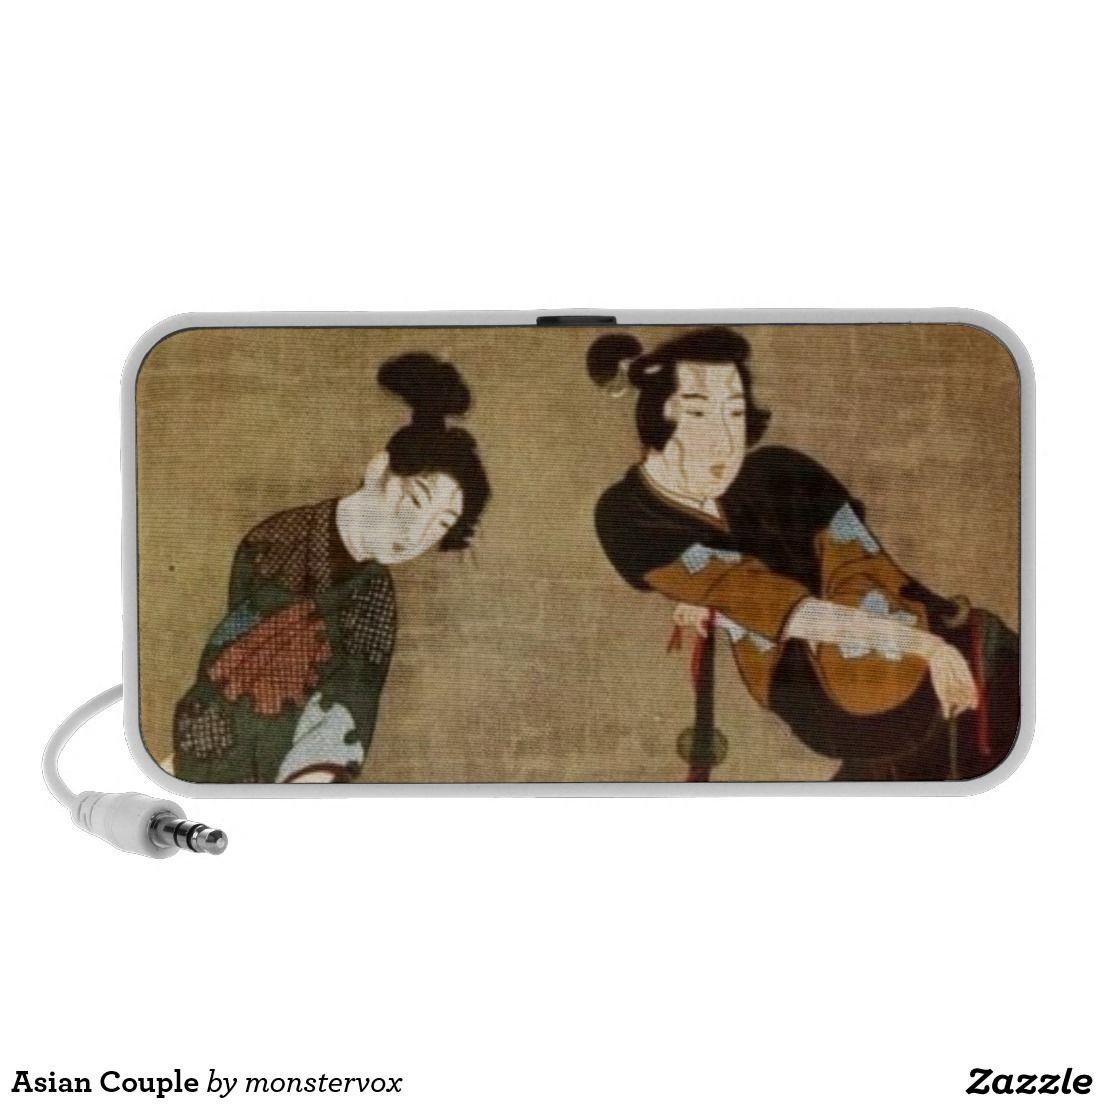 Asian Couple Portable Speaker #Asian #Couple #Japan #Japanese #Art #Vintage #Speaker